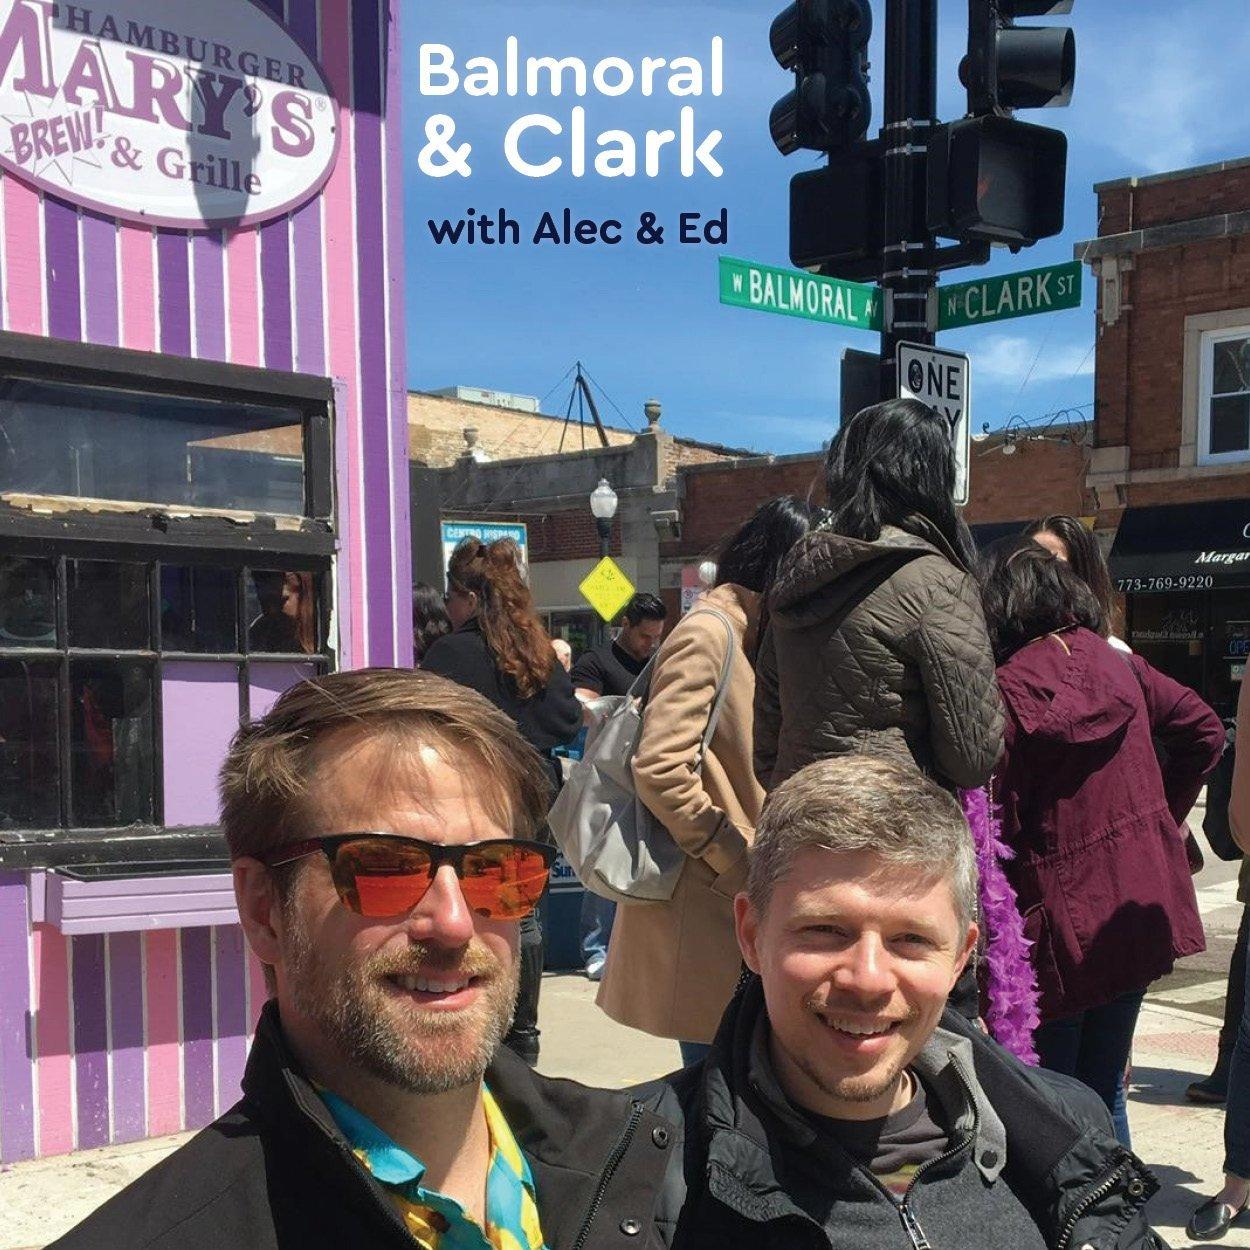 Alec and Ed at Balmoral & Clark